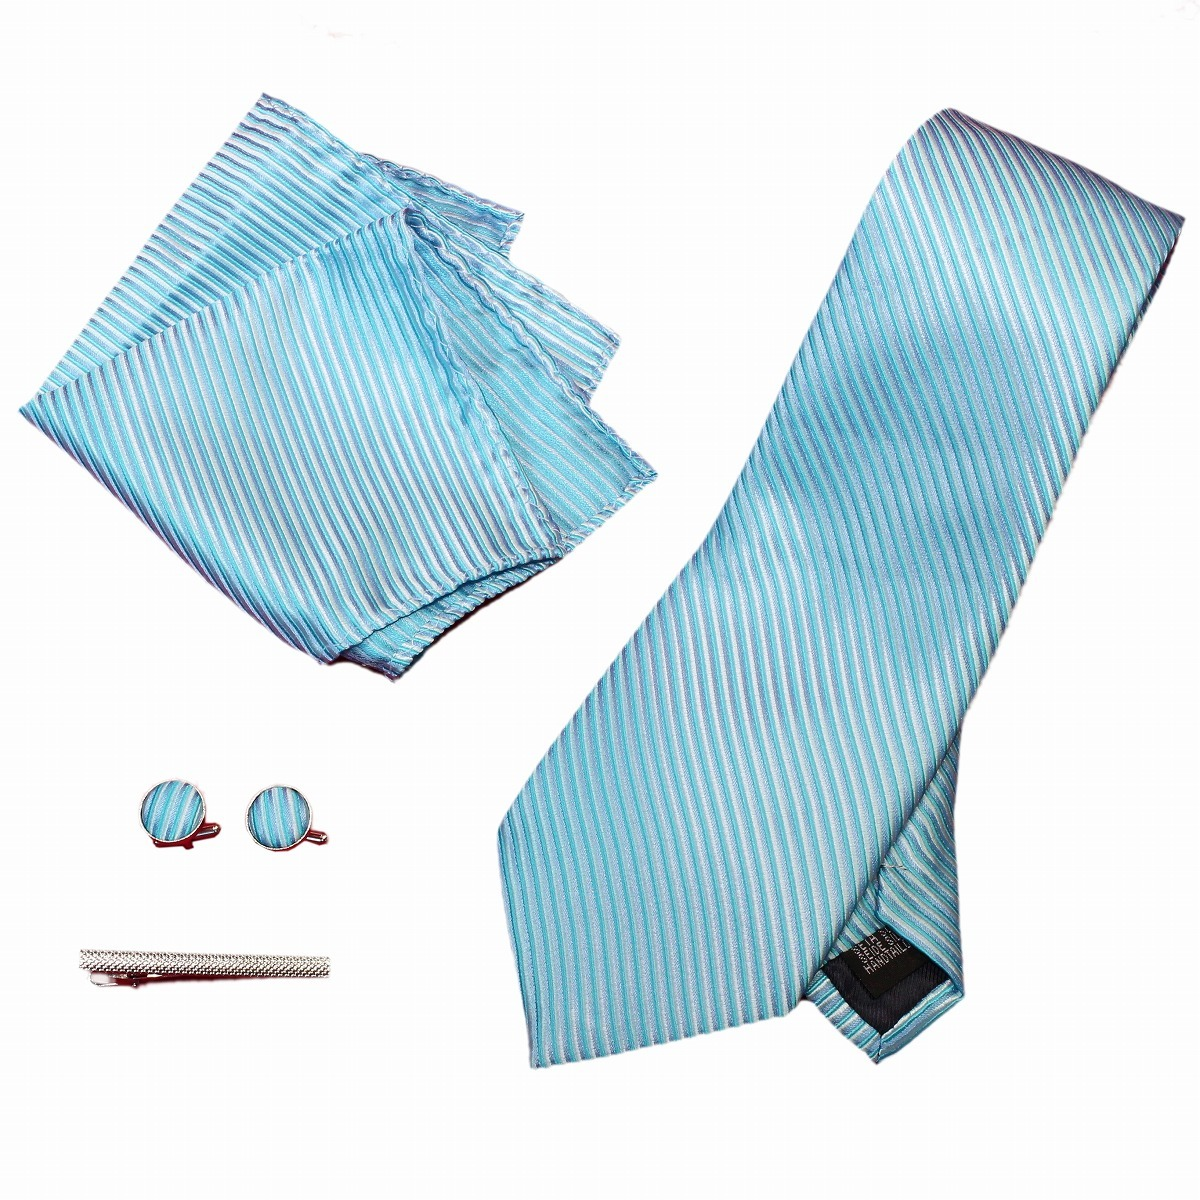 新品 ネクタイ 4点セット ポケットチーフ カフスボタン タイピン 水色系ストライブ 送料込み プレゼントにもおすすめ(11022)_画像1